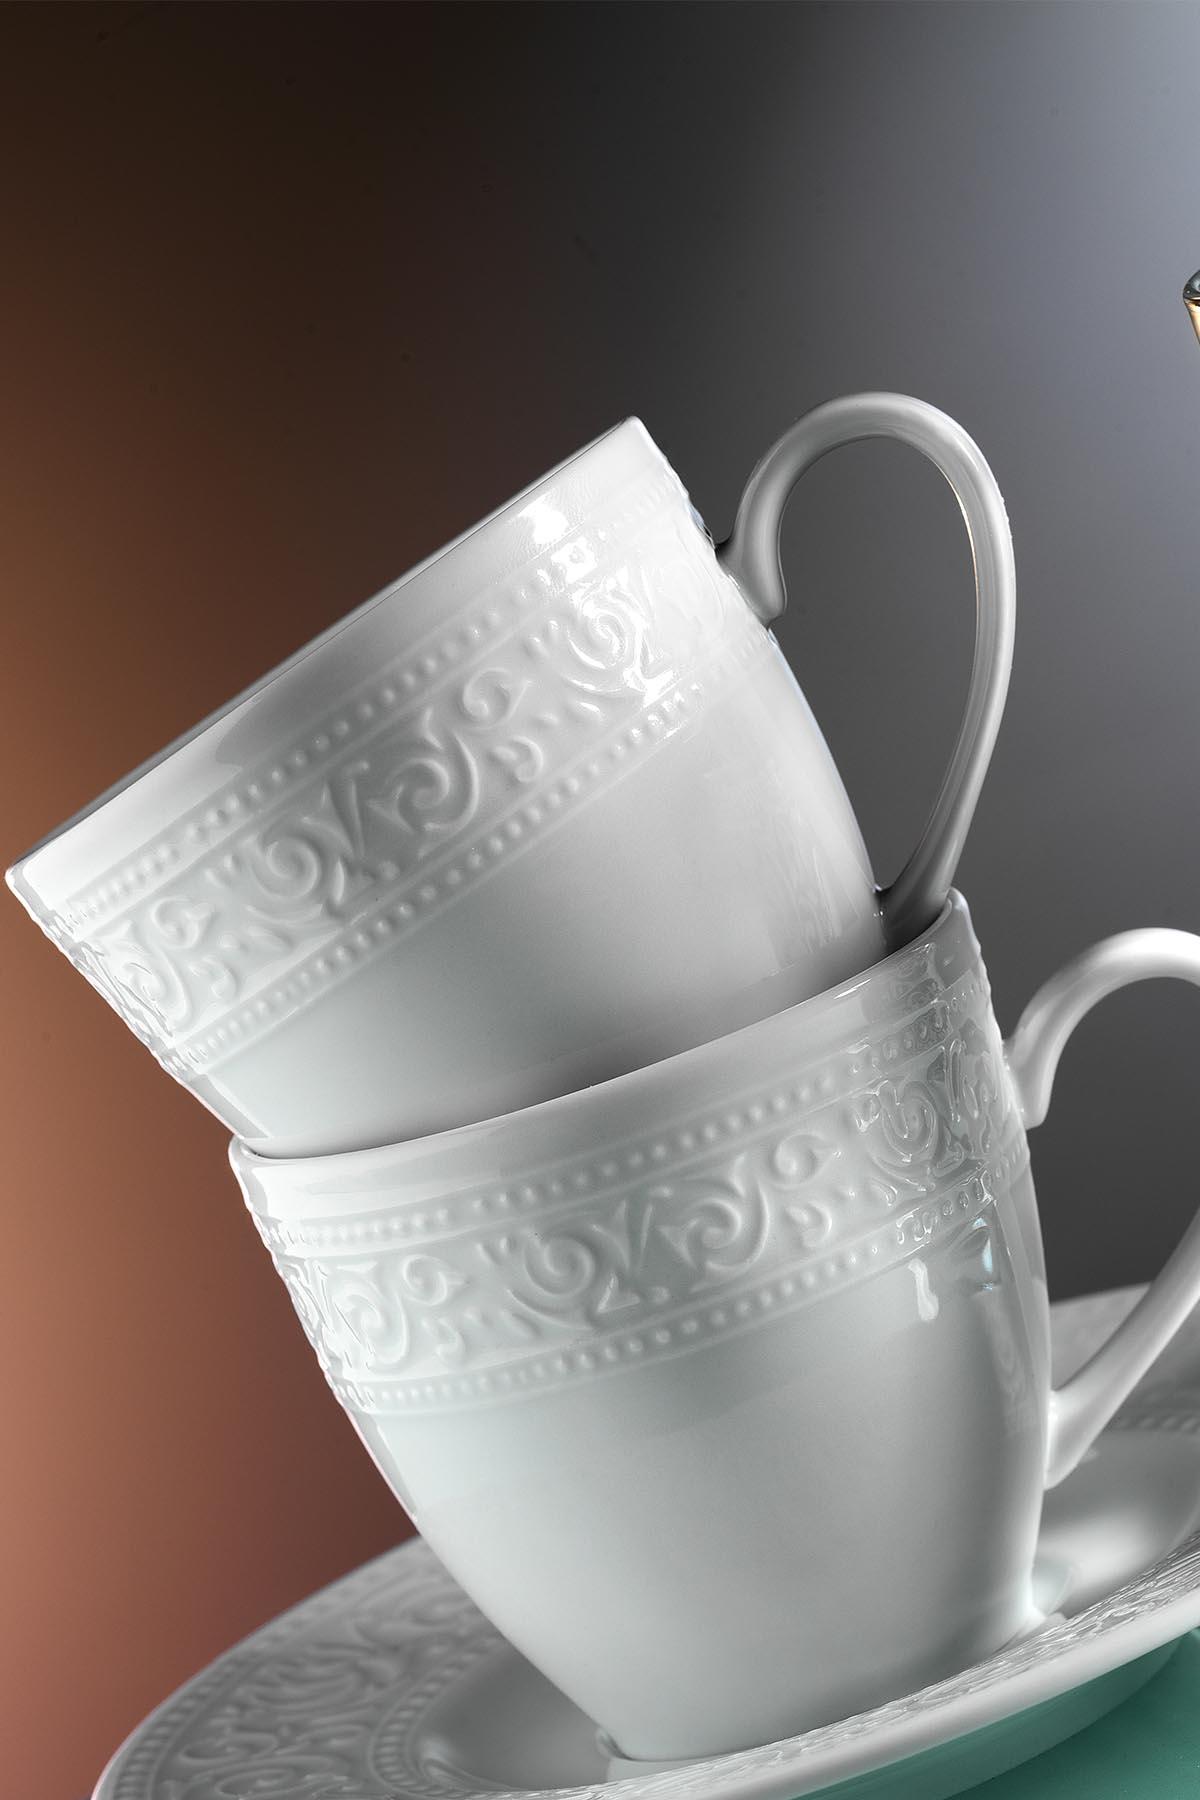 Kütahya Porselen - Kütahya Porselen Açelya Kahve Fincan Takımı